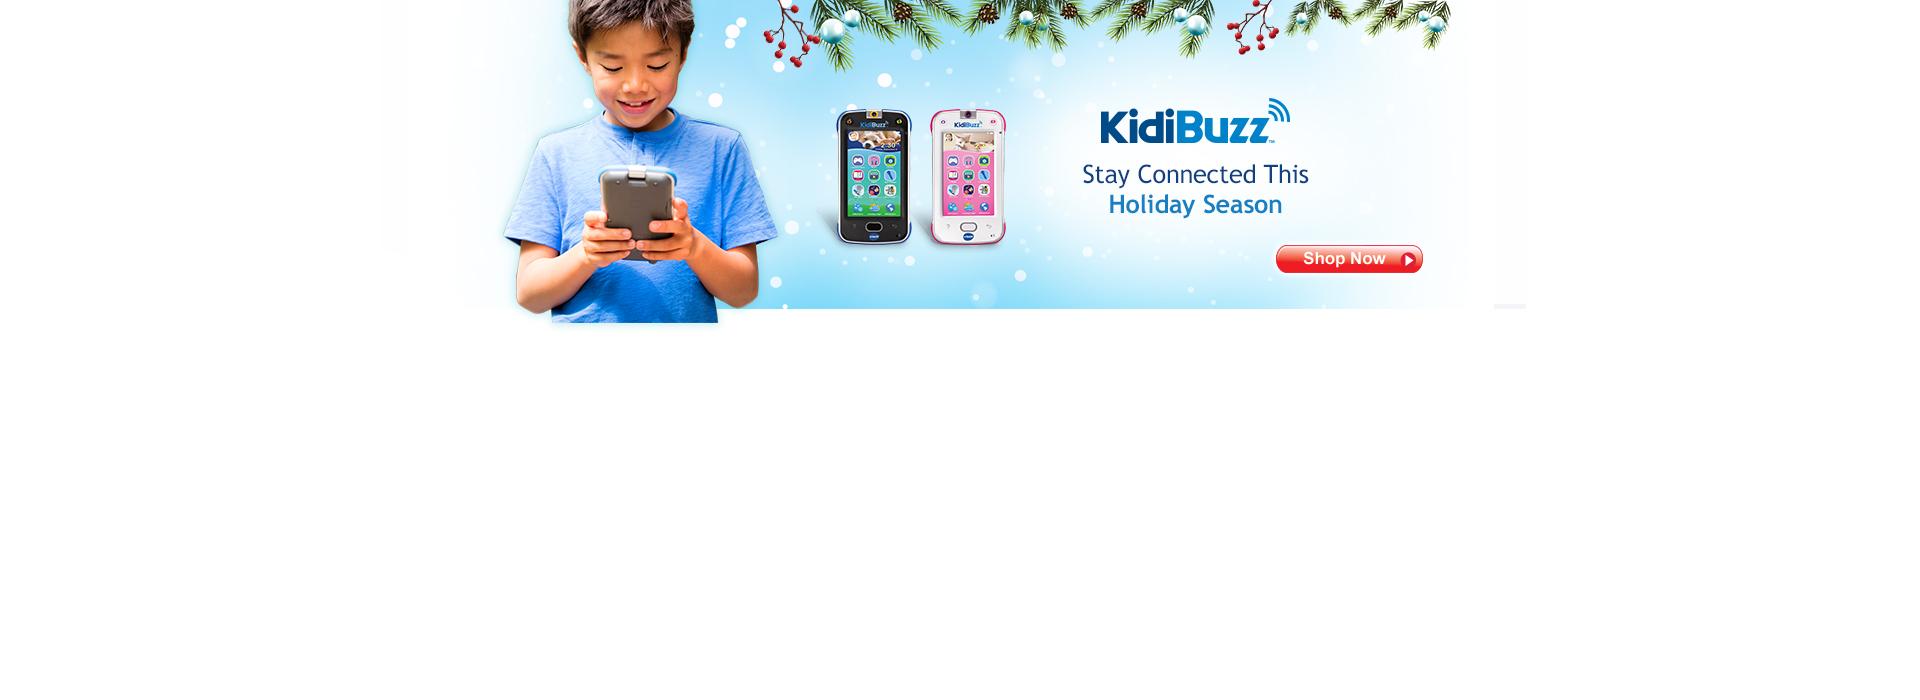 KidiBuzz (NON PROMOTIONAL)